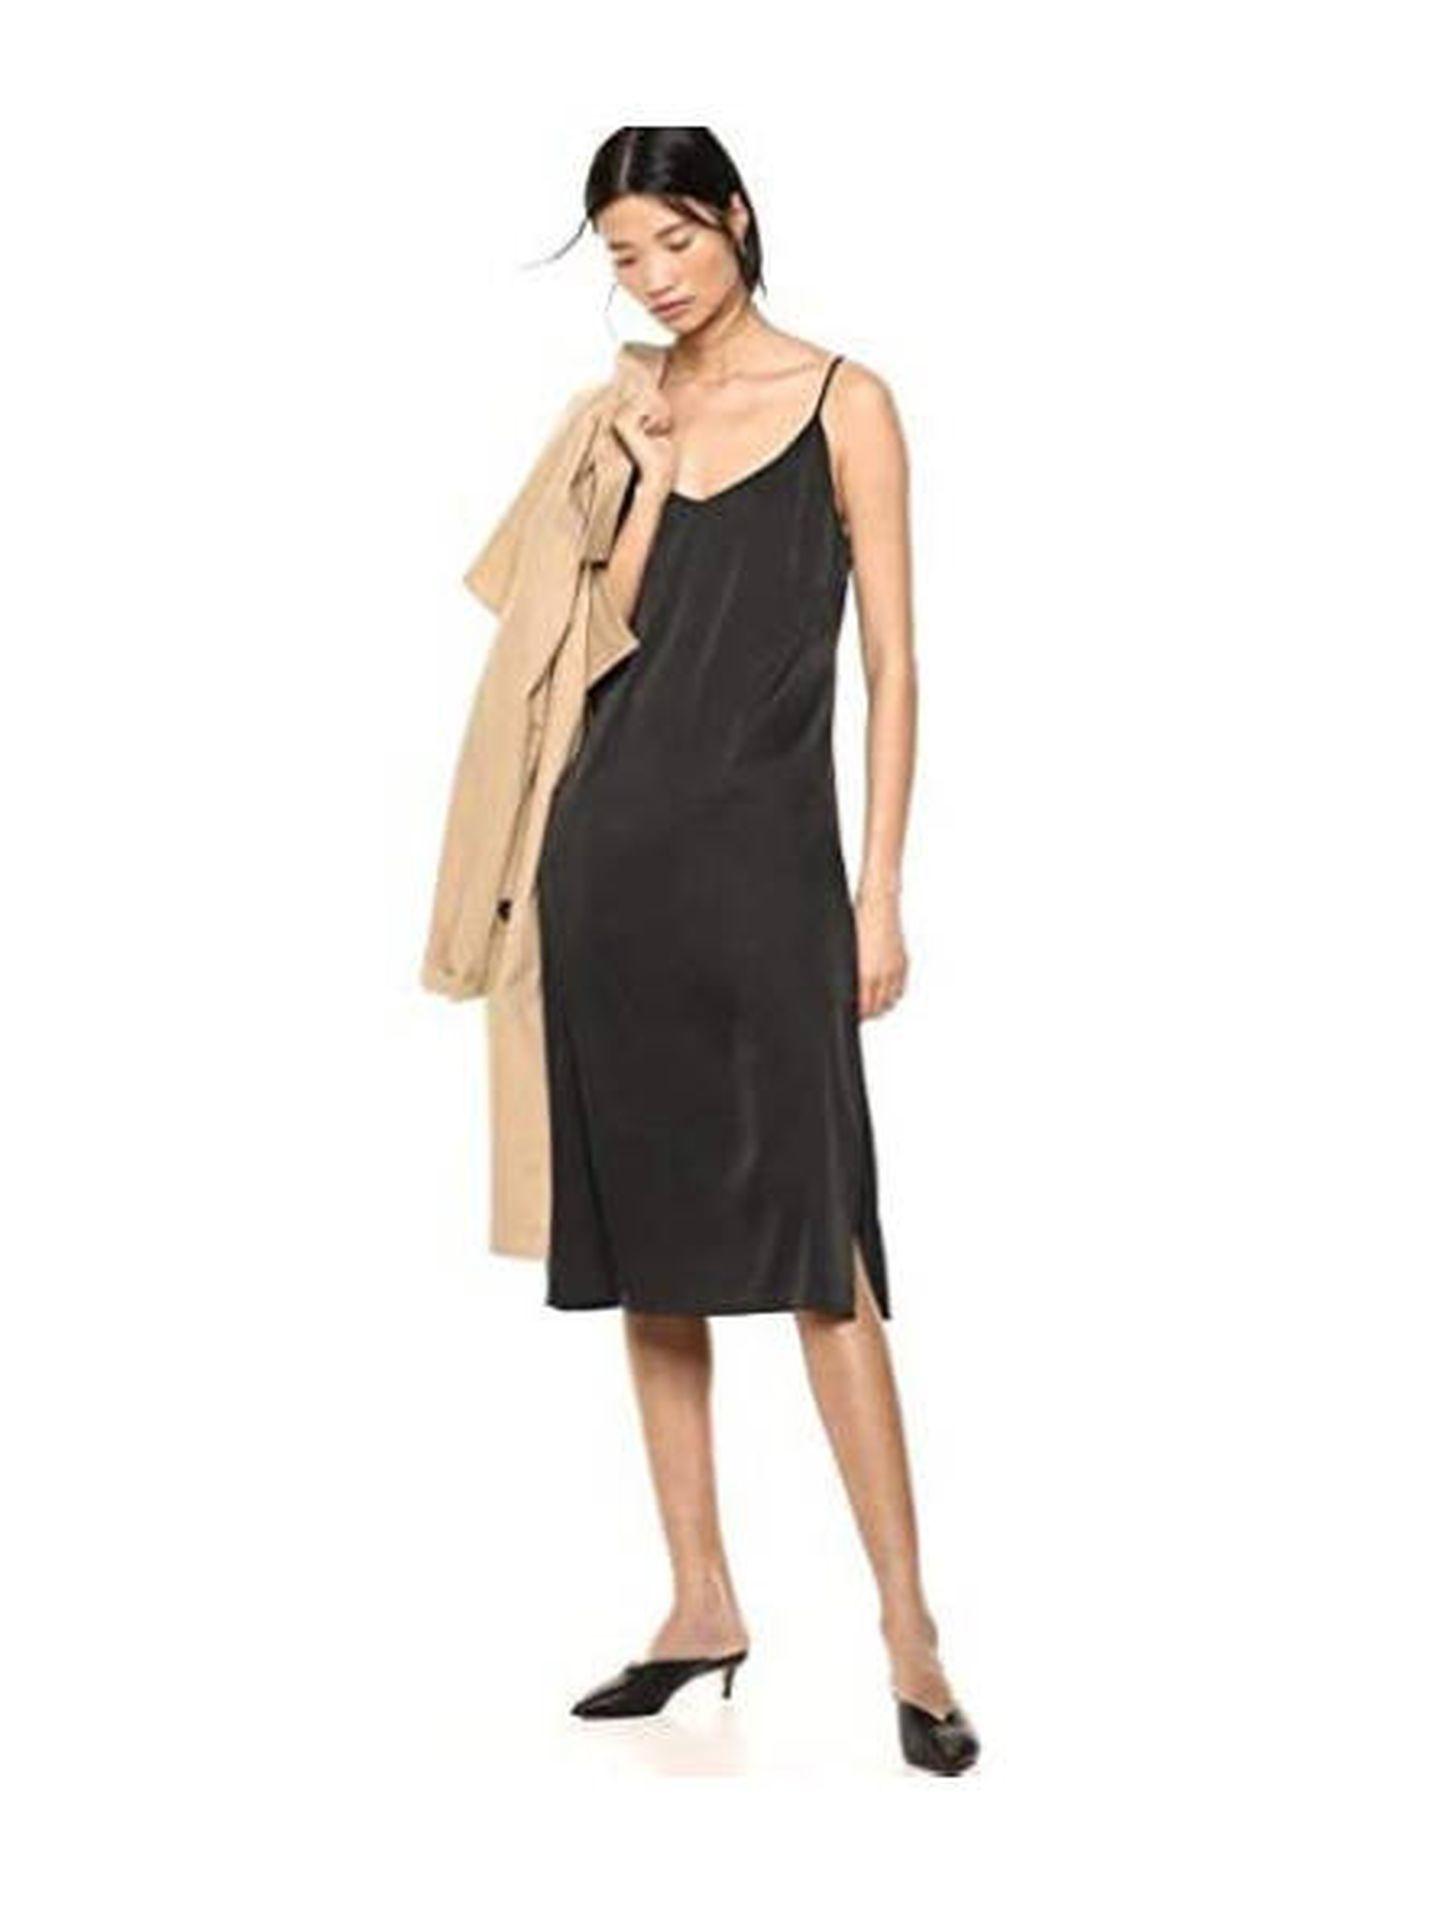 Vestido lencero negro y cuello de pico a la venta en Amazon. (Cortesía)